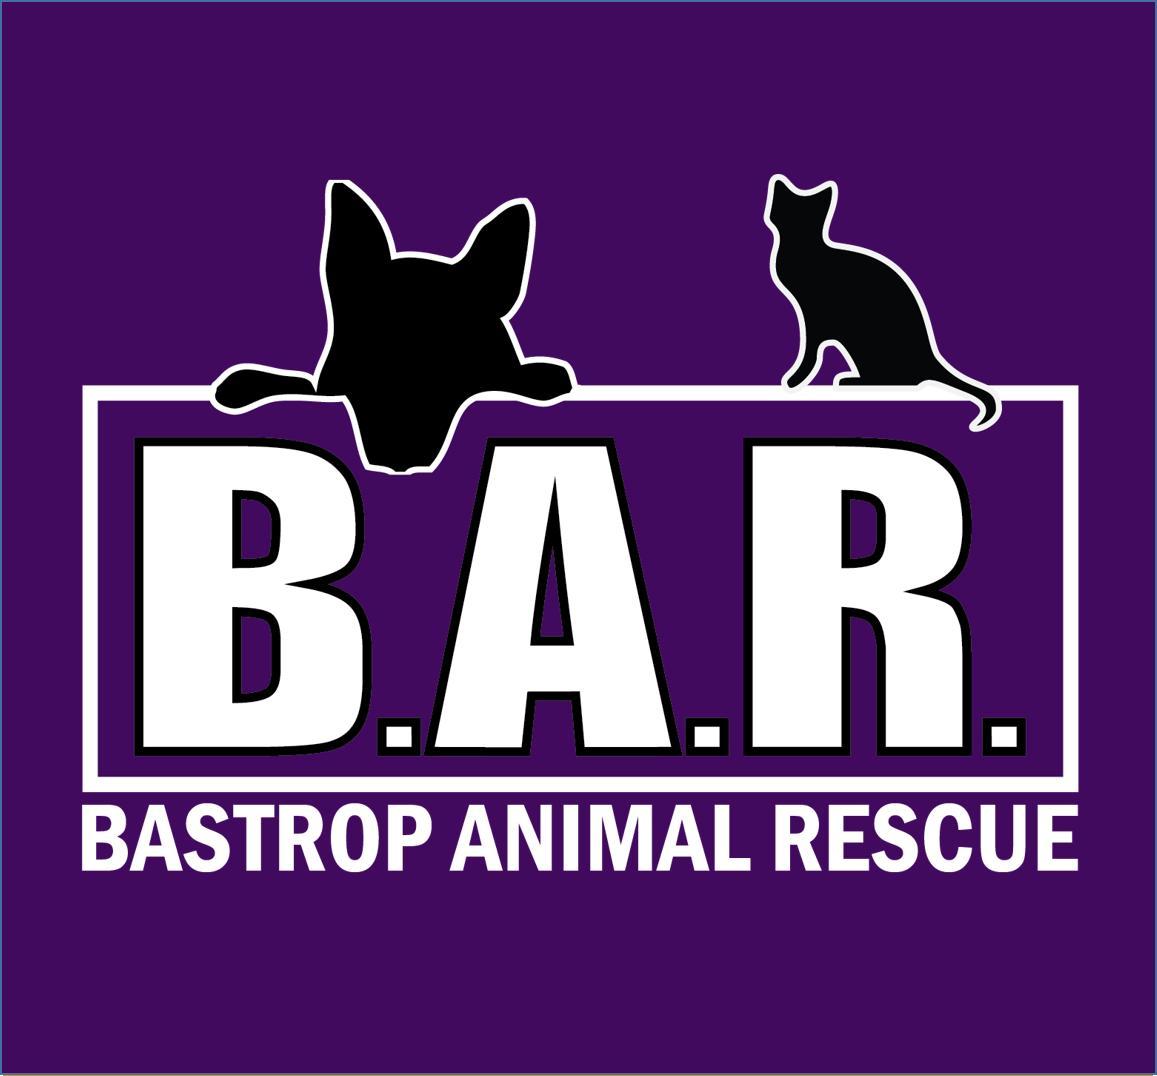 Bastrop Animal Rescue